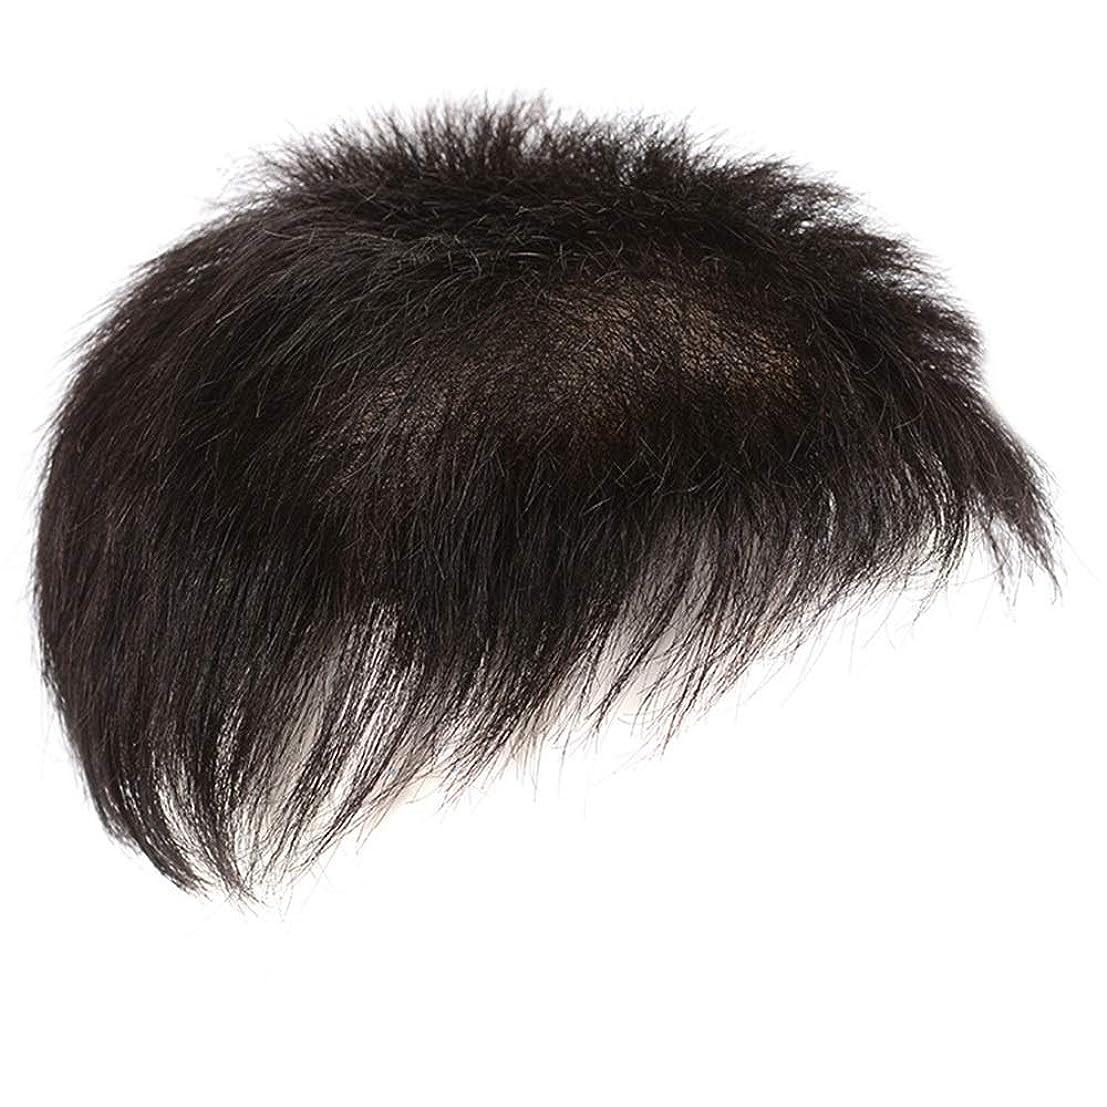 なので援助するウルルHOHYLLYA 男のための本物の毛髪のかつらのフルハンド織ヘアクリップ脱毛かつらパーティーかつら (色 : A, サイズ : [18X20])